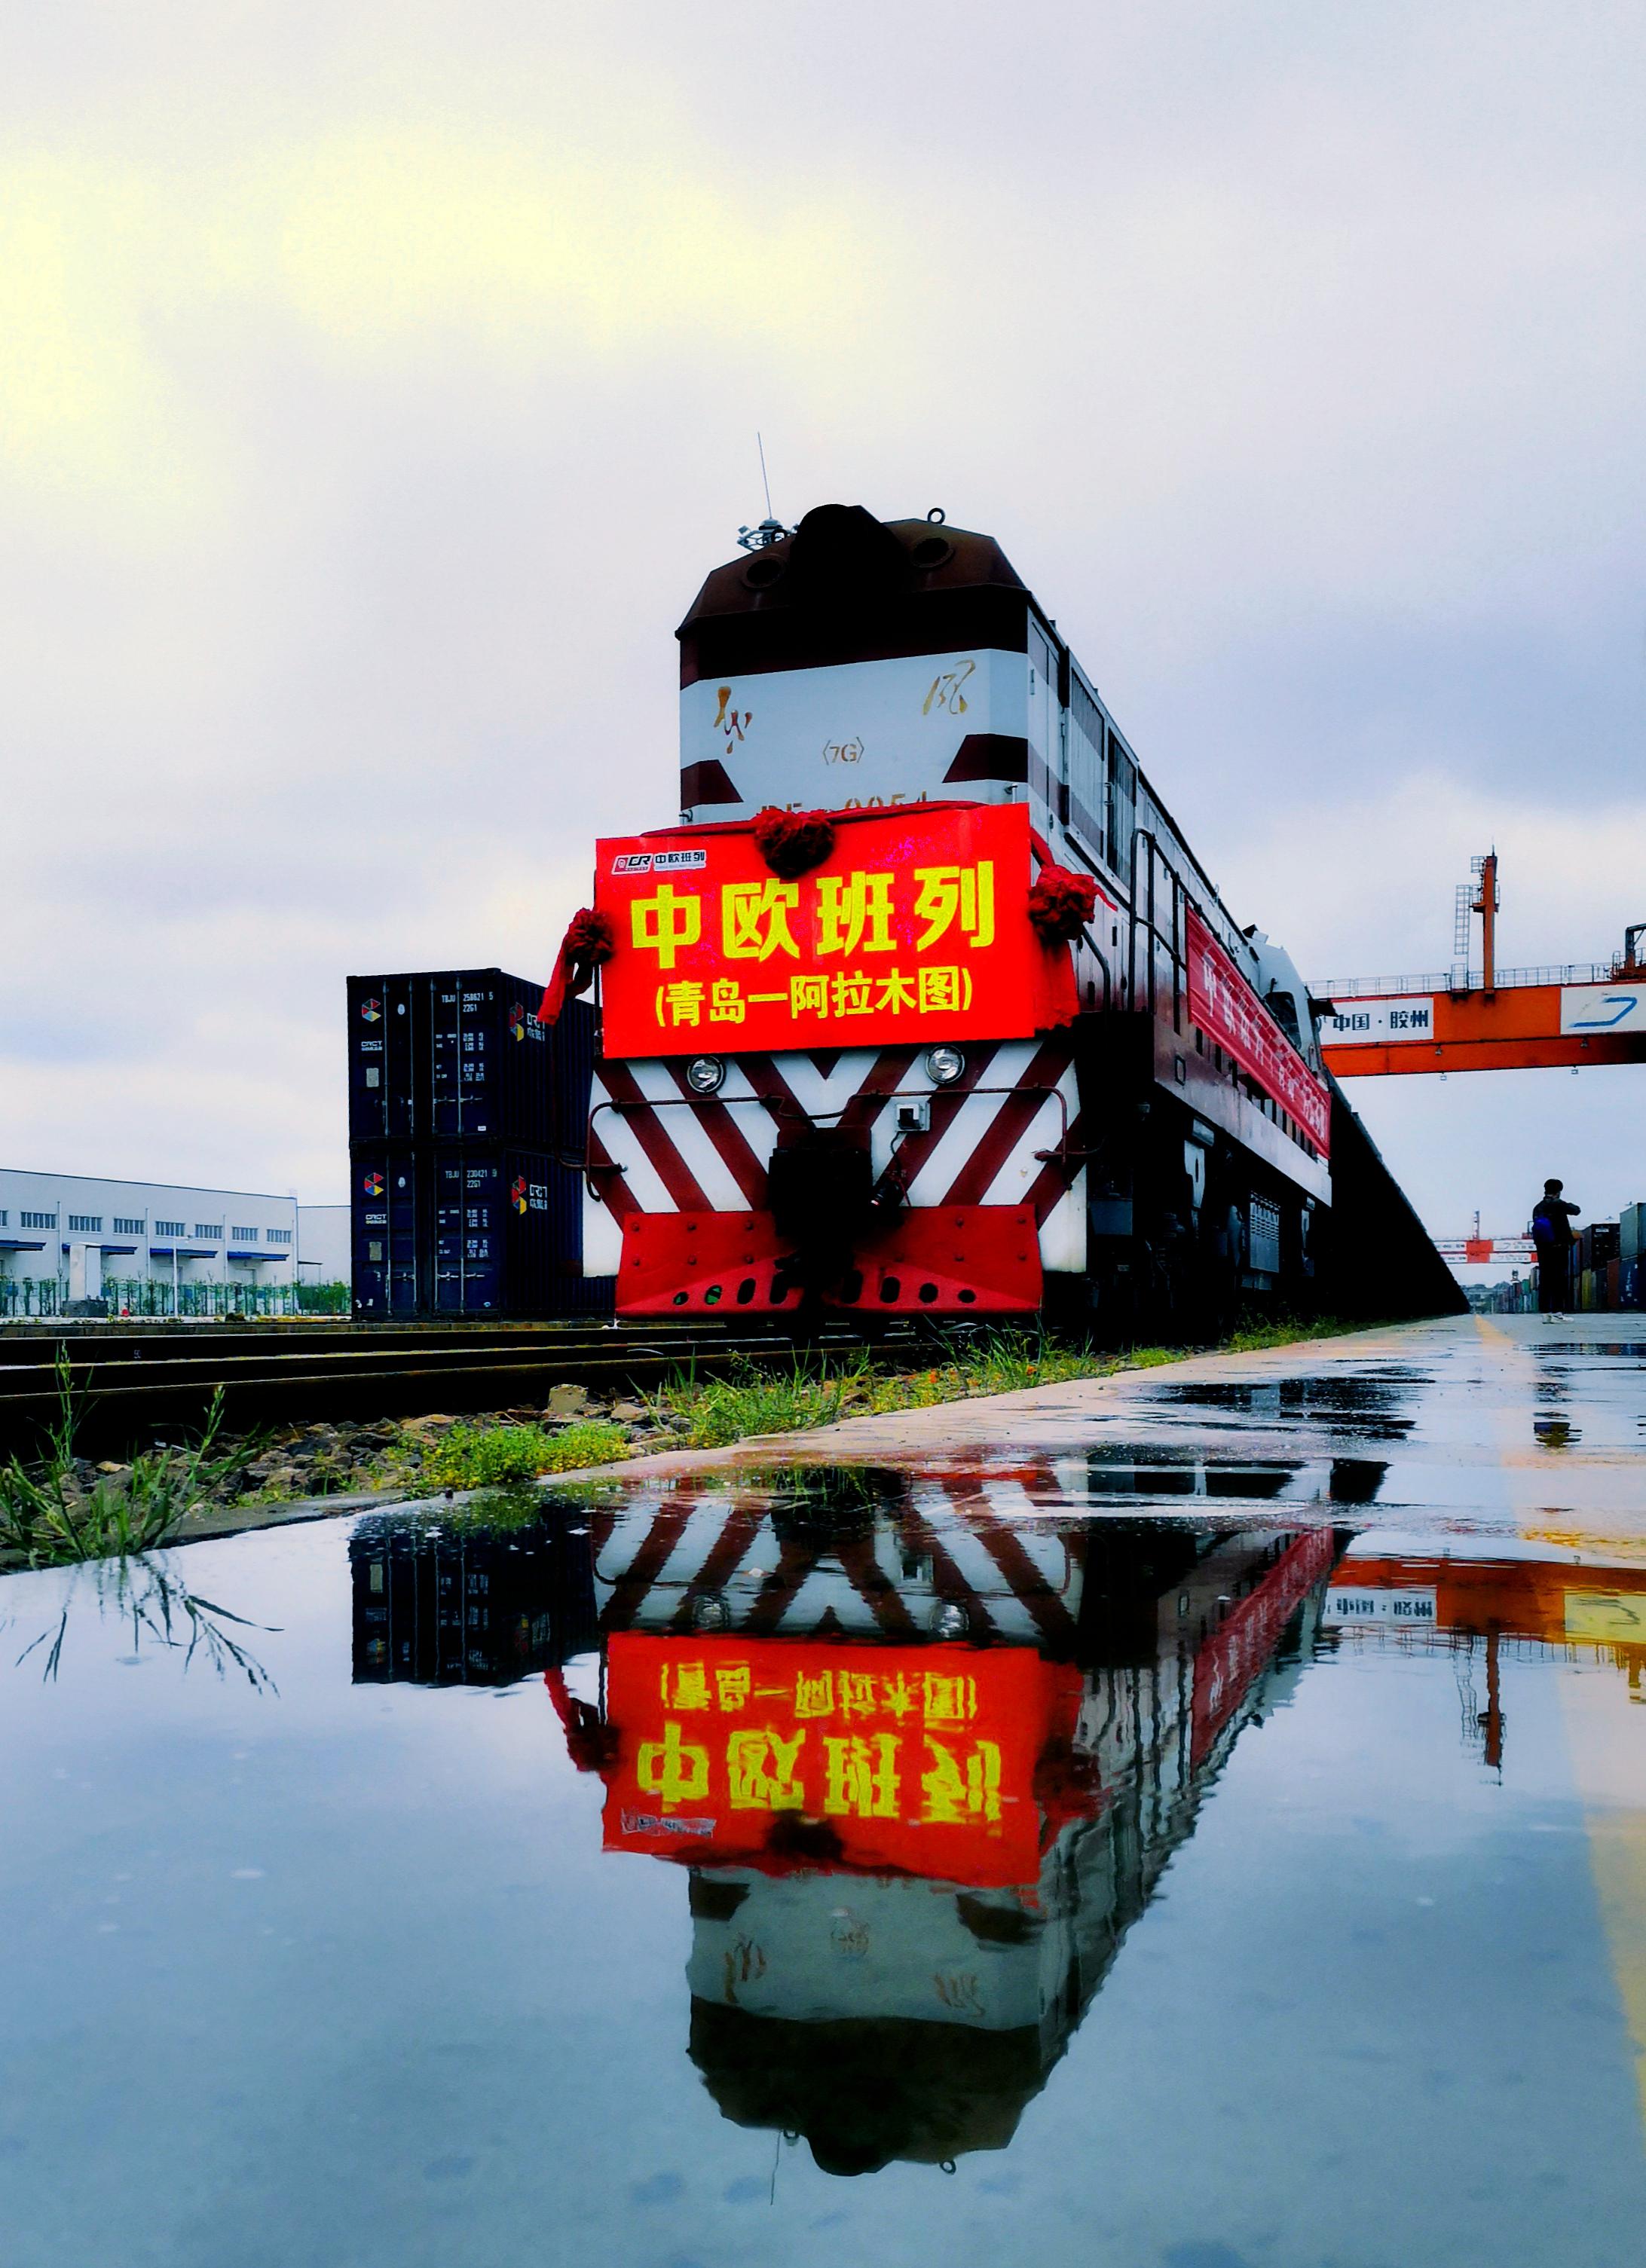 #发现最美铁路·感受齐鲁文化#环球网系列网评五:让老百姓成为铁路物流服务受益者